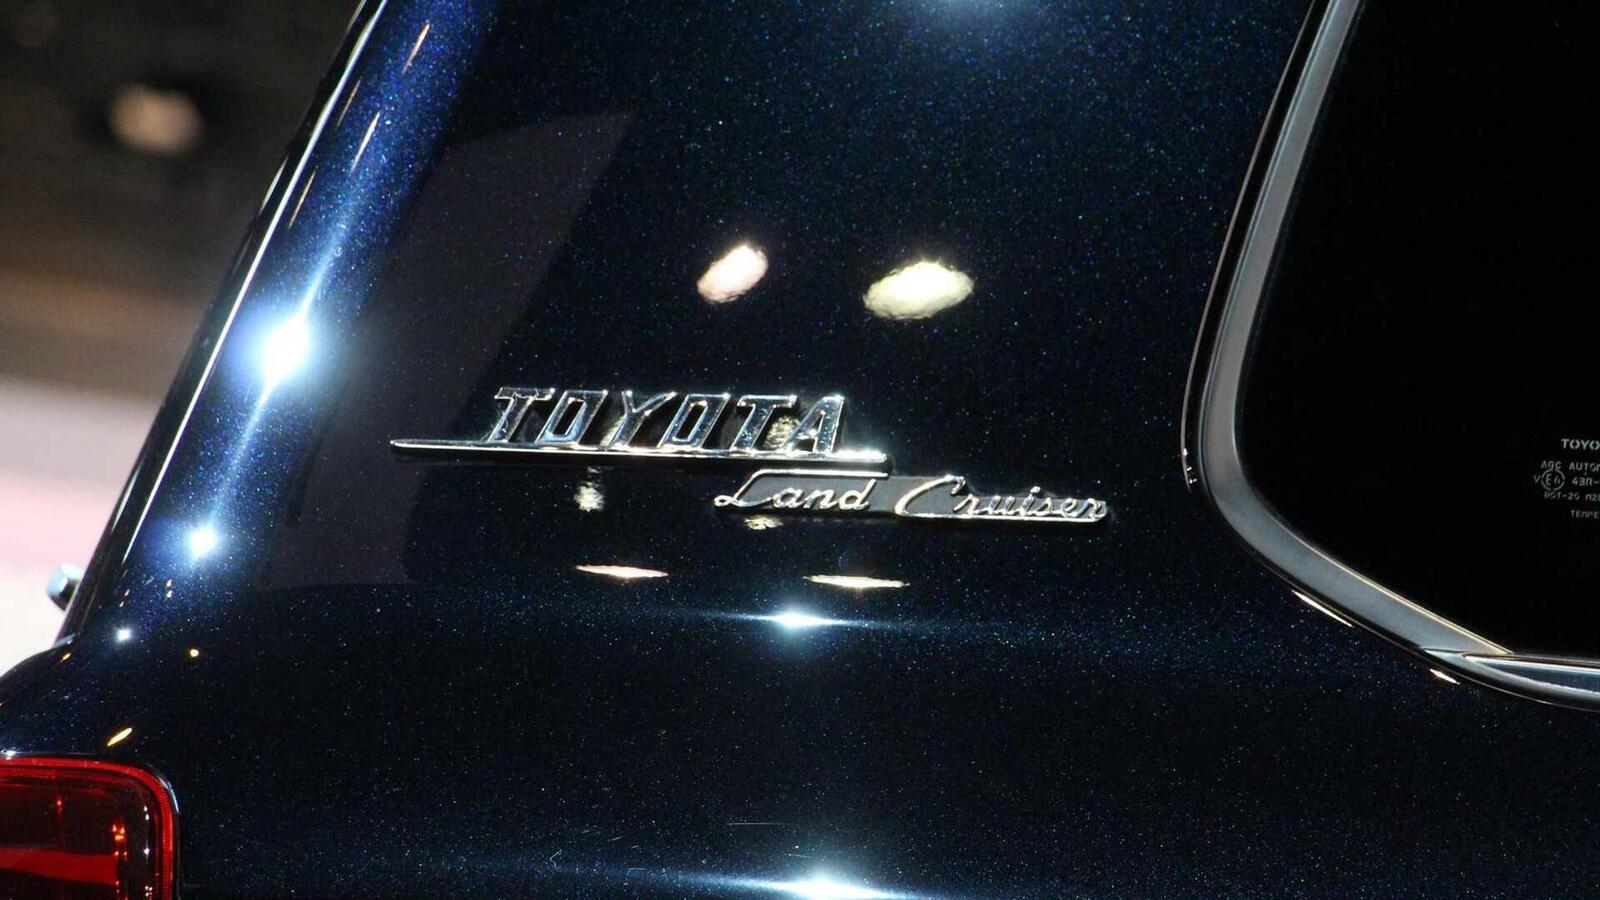 Toyota Land Cruiser phiên bản đặc biệt kỷ niệm 60 năm